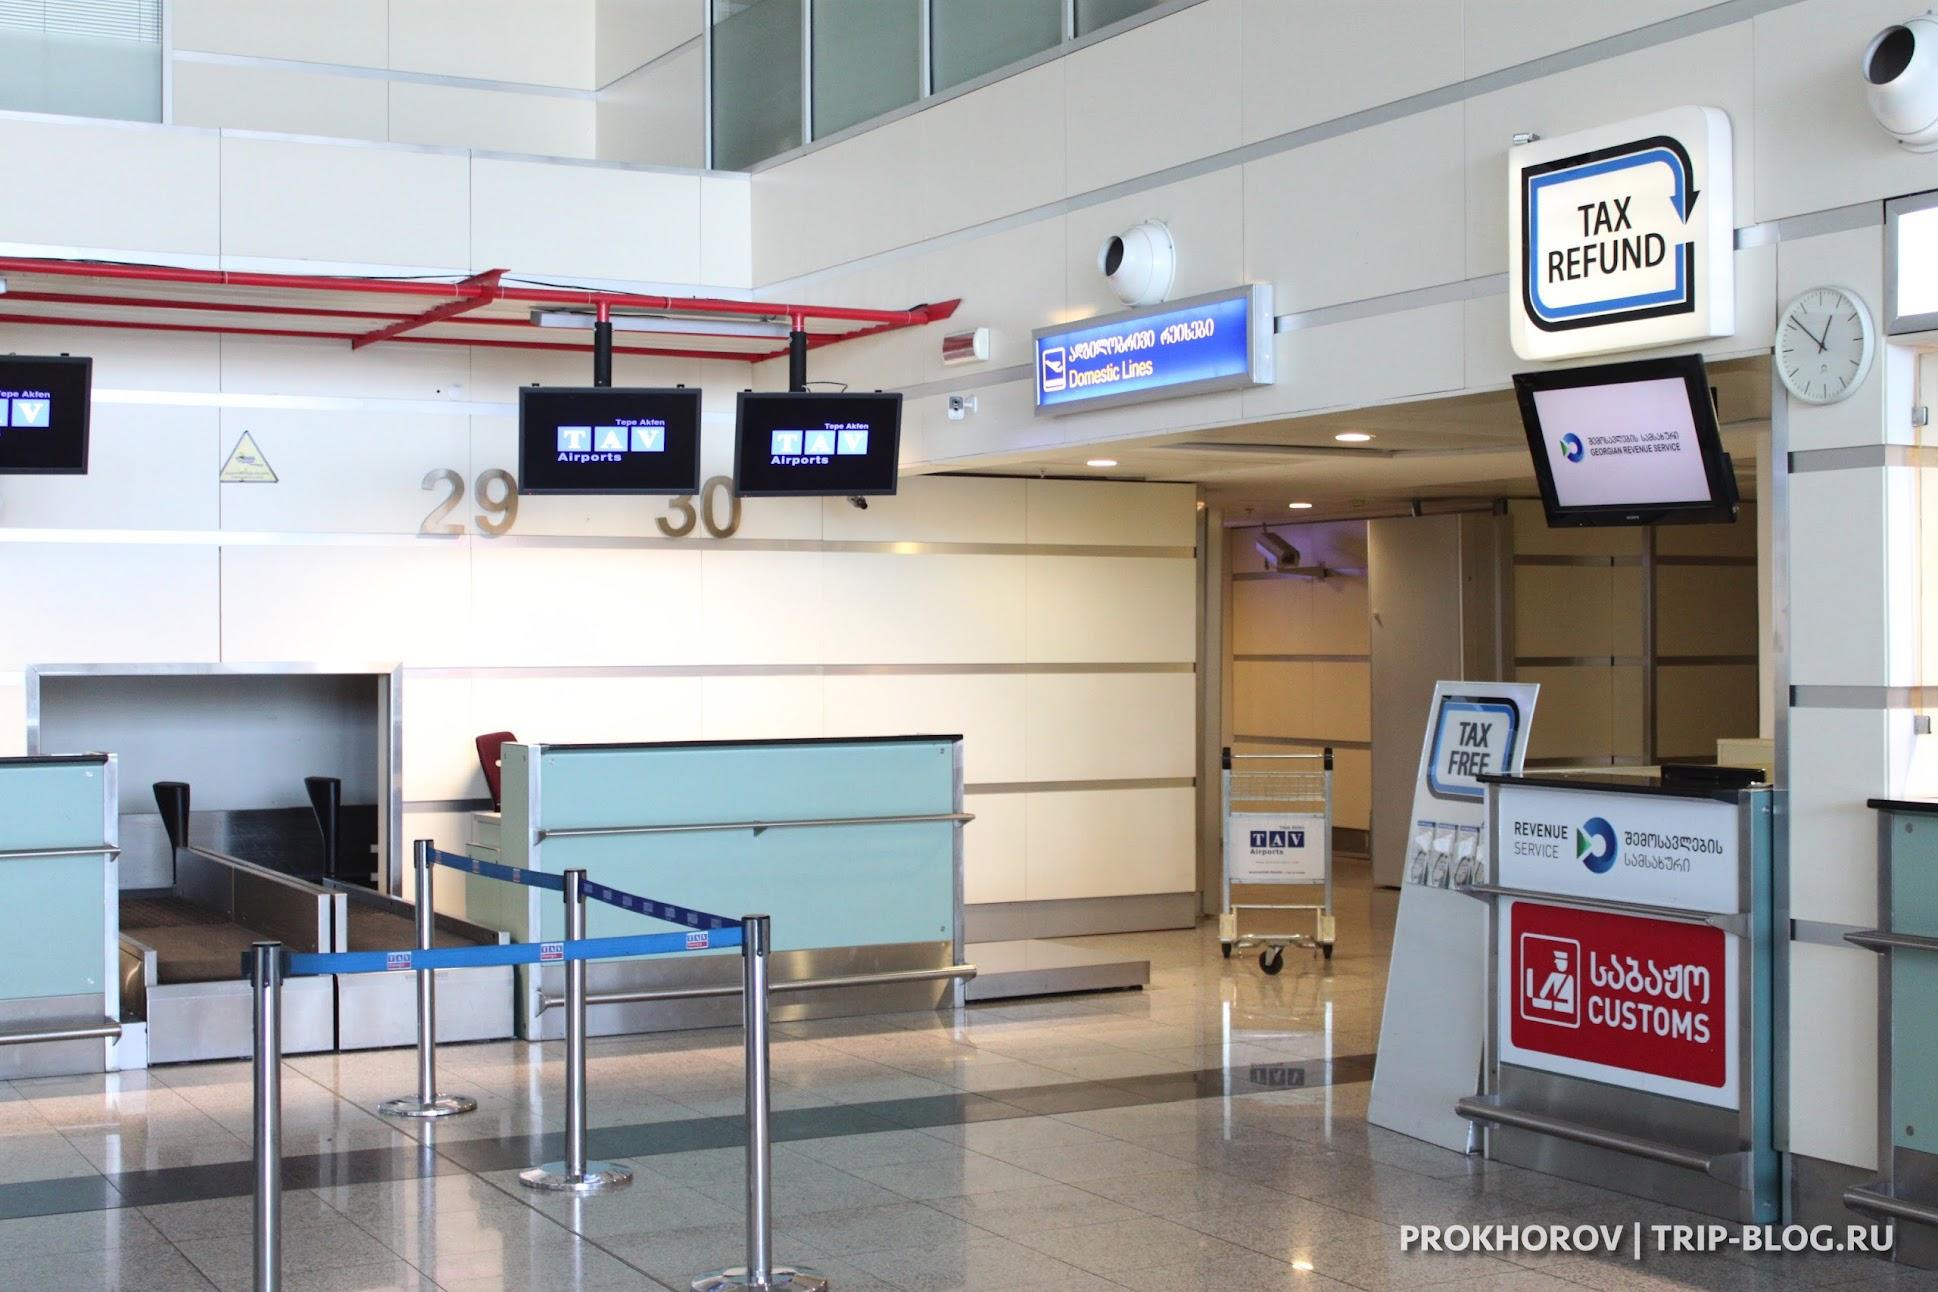 Таможенная стойка Tax Free в аэропорту Тбилиси